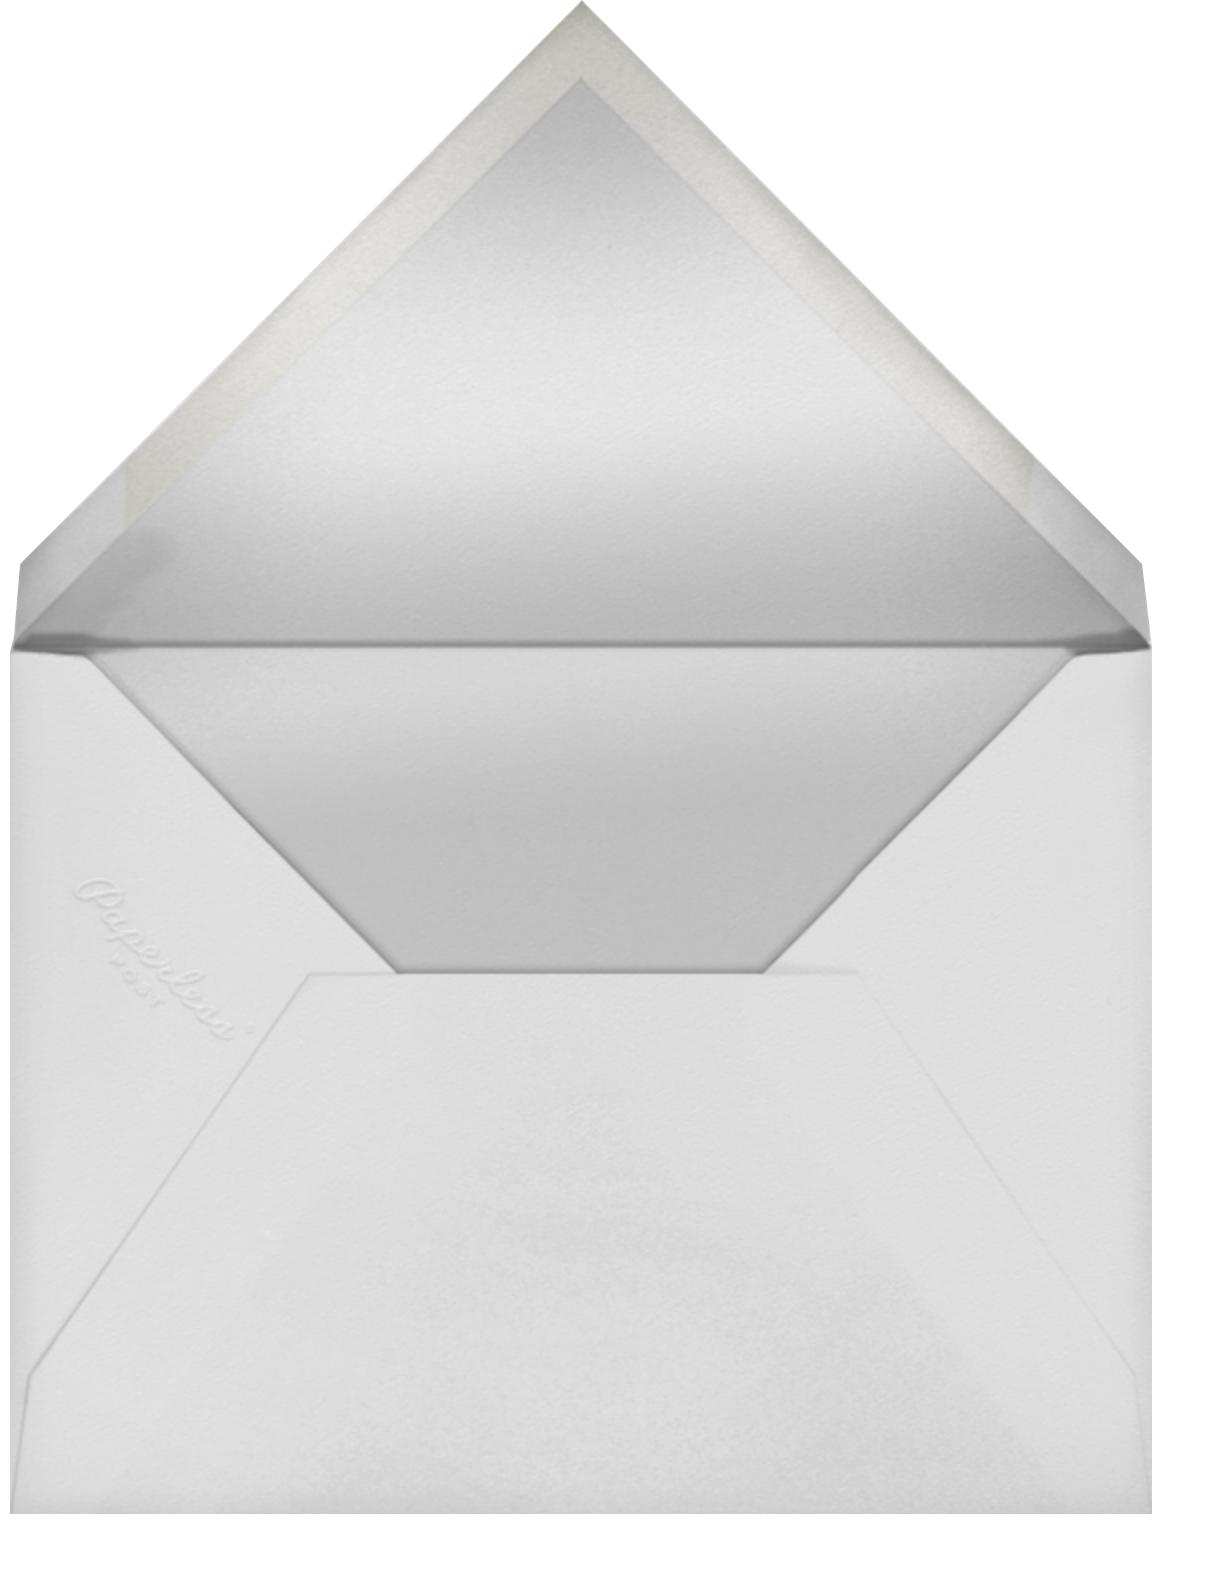 Aubette (Menu) - Silver - Paperless Post - Menus - envelope back